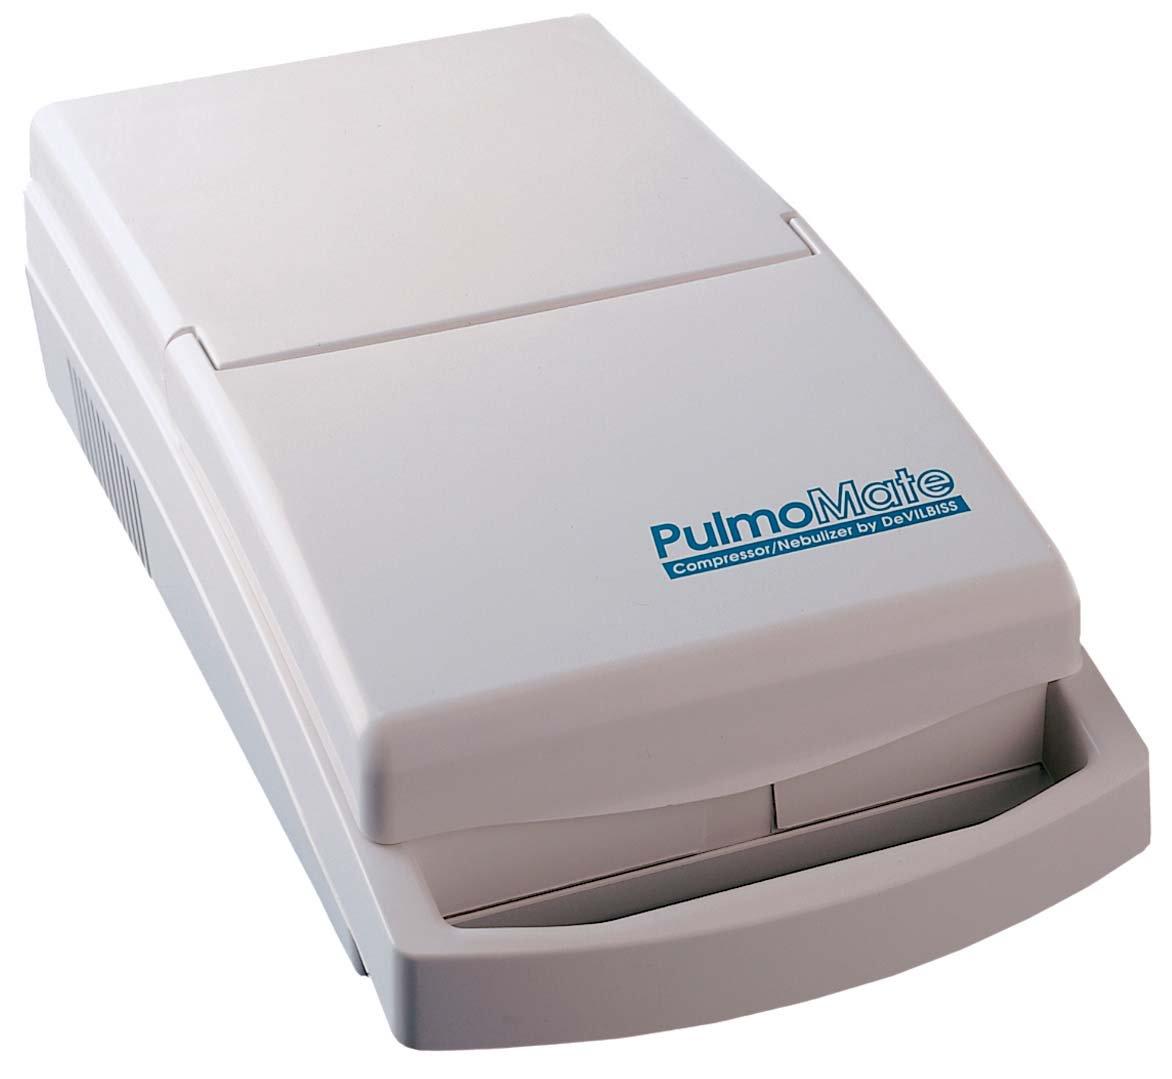 DeVilbiss PulmoMate Nebulizer Compressor, 4650D, 1 Each